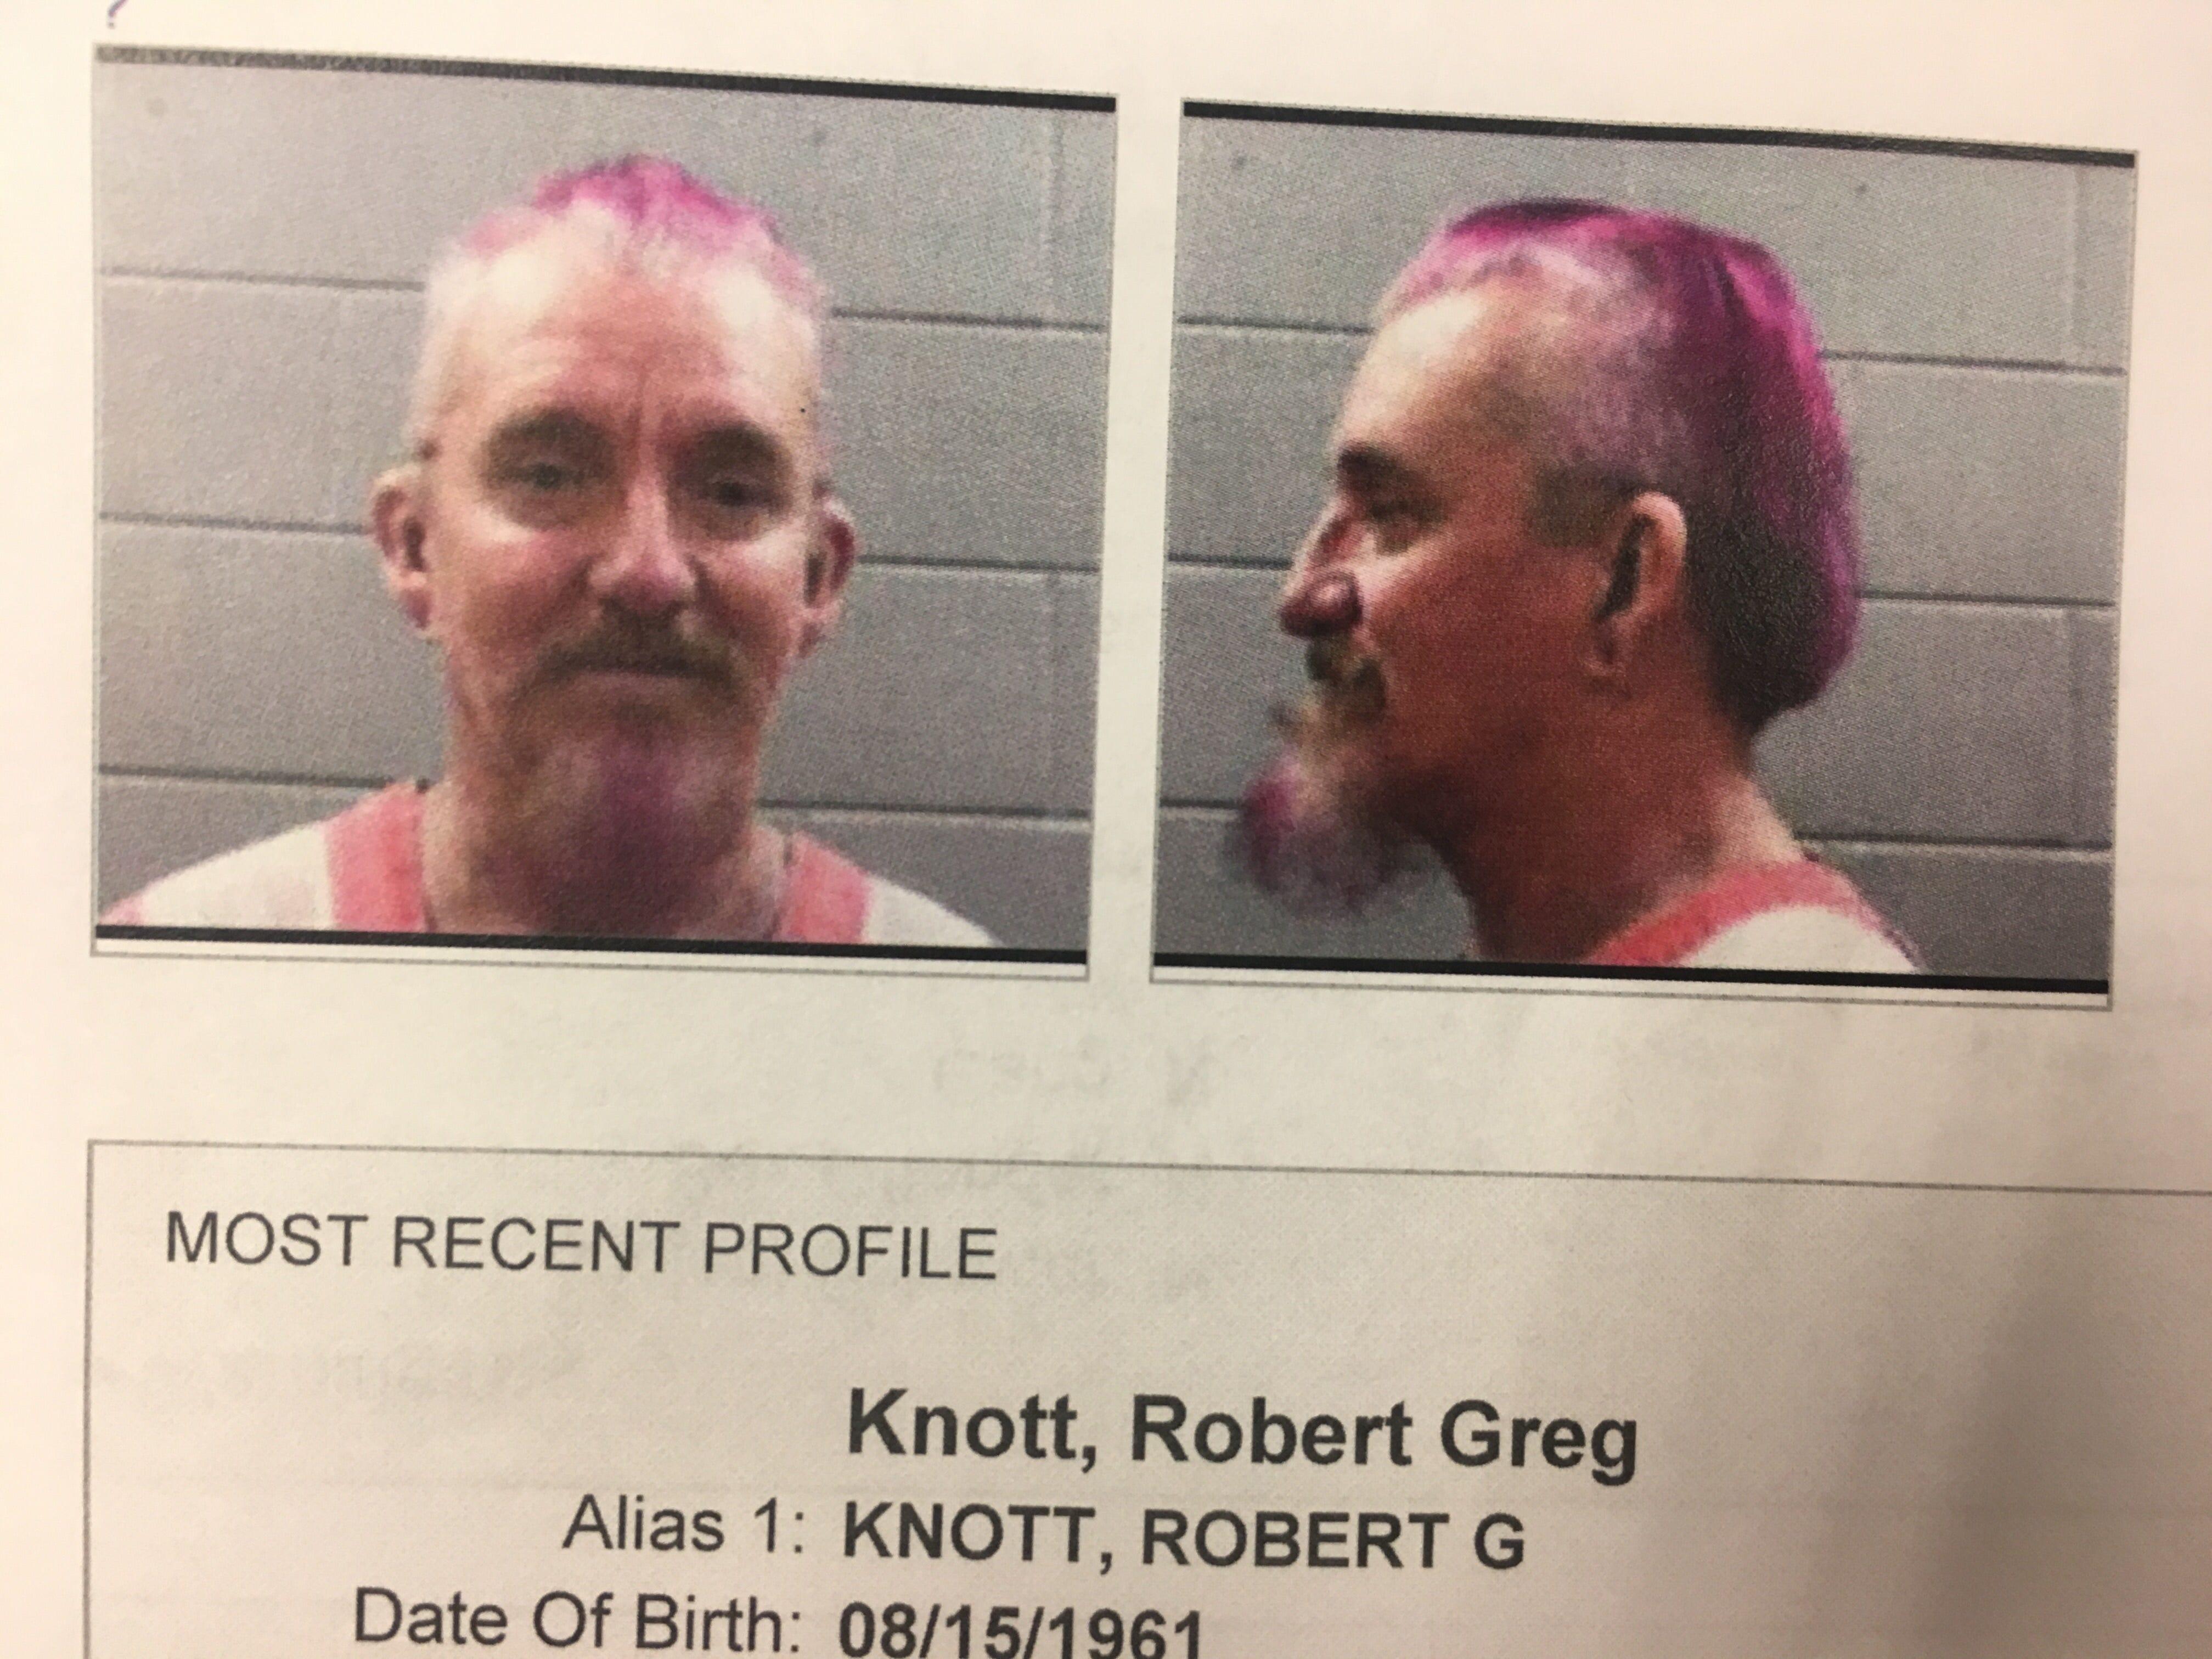 Robert Greg Knott